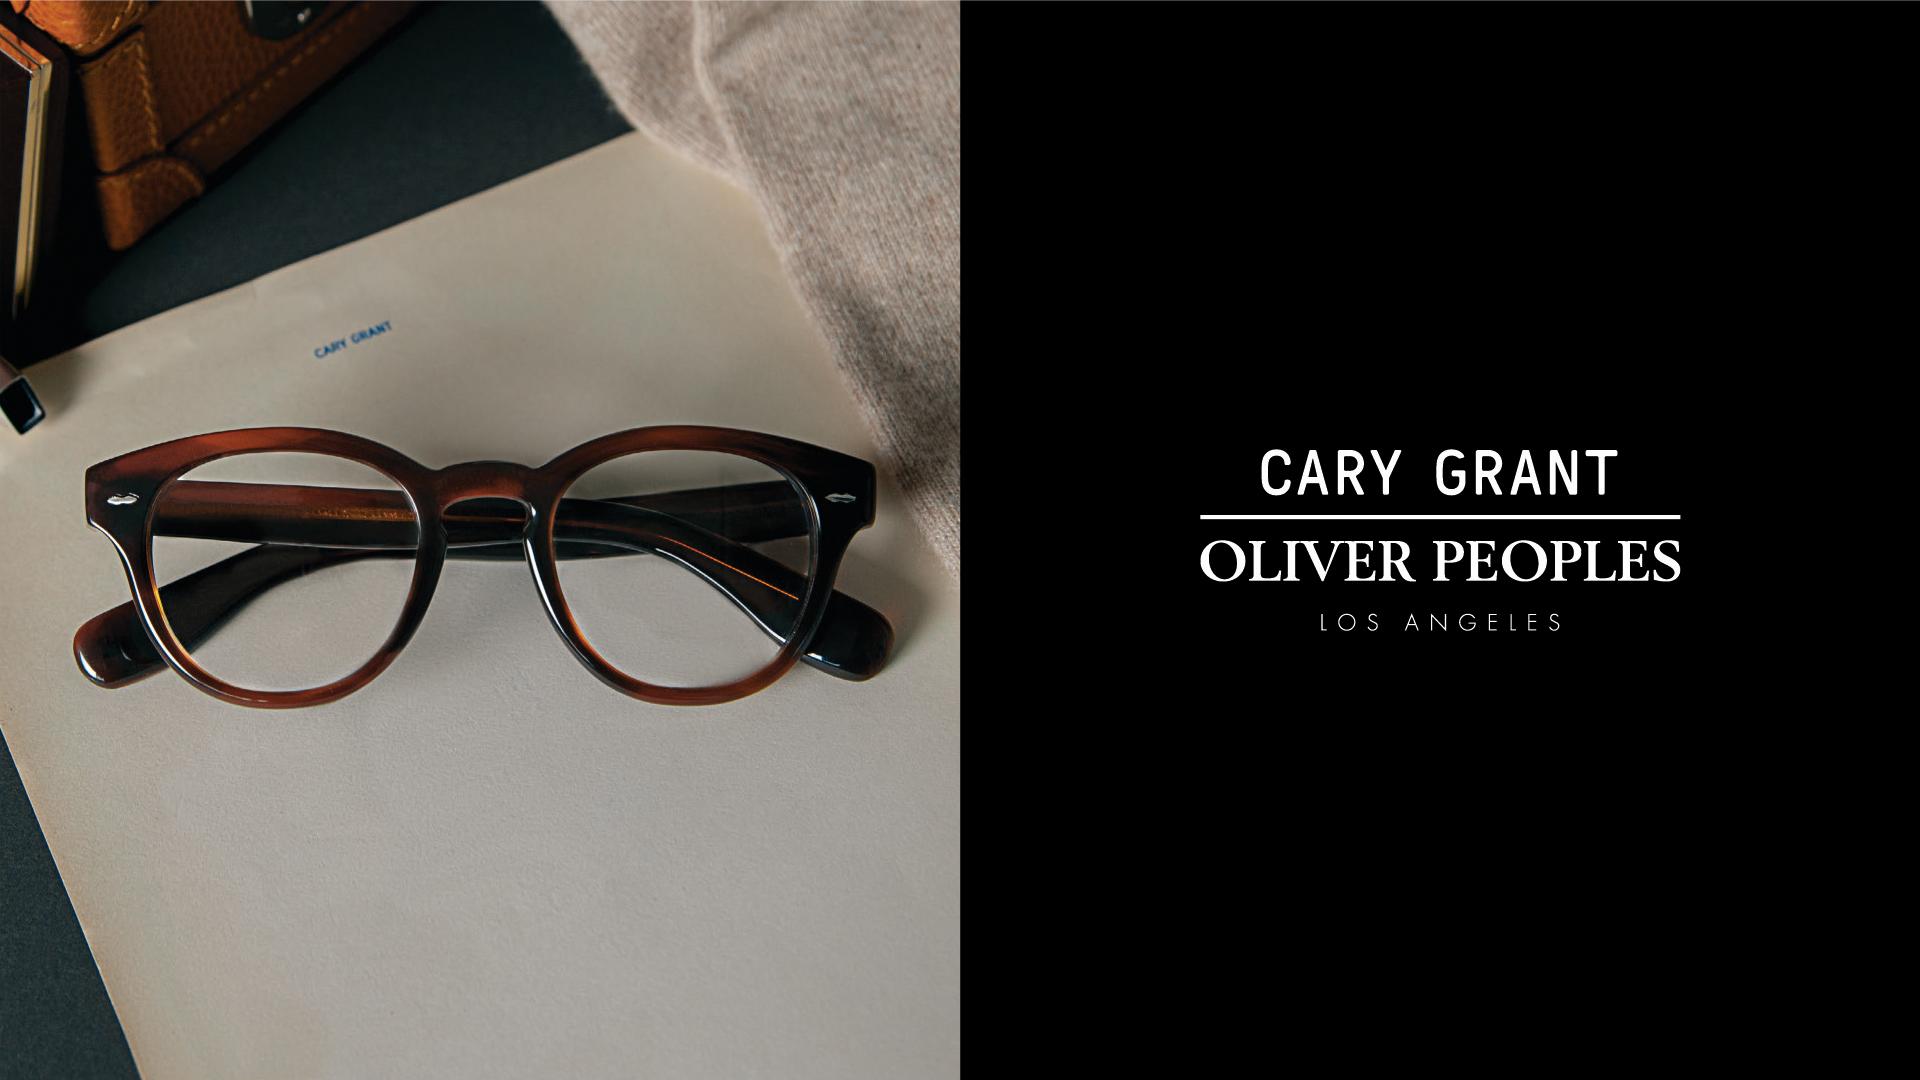 Oliver-Peoples-occhiali-da-sole-e-da-vista-centri-belotti-ottica-udito-canton-ticinoOV5413SU_ST_A__16.26x9.14